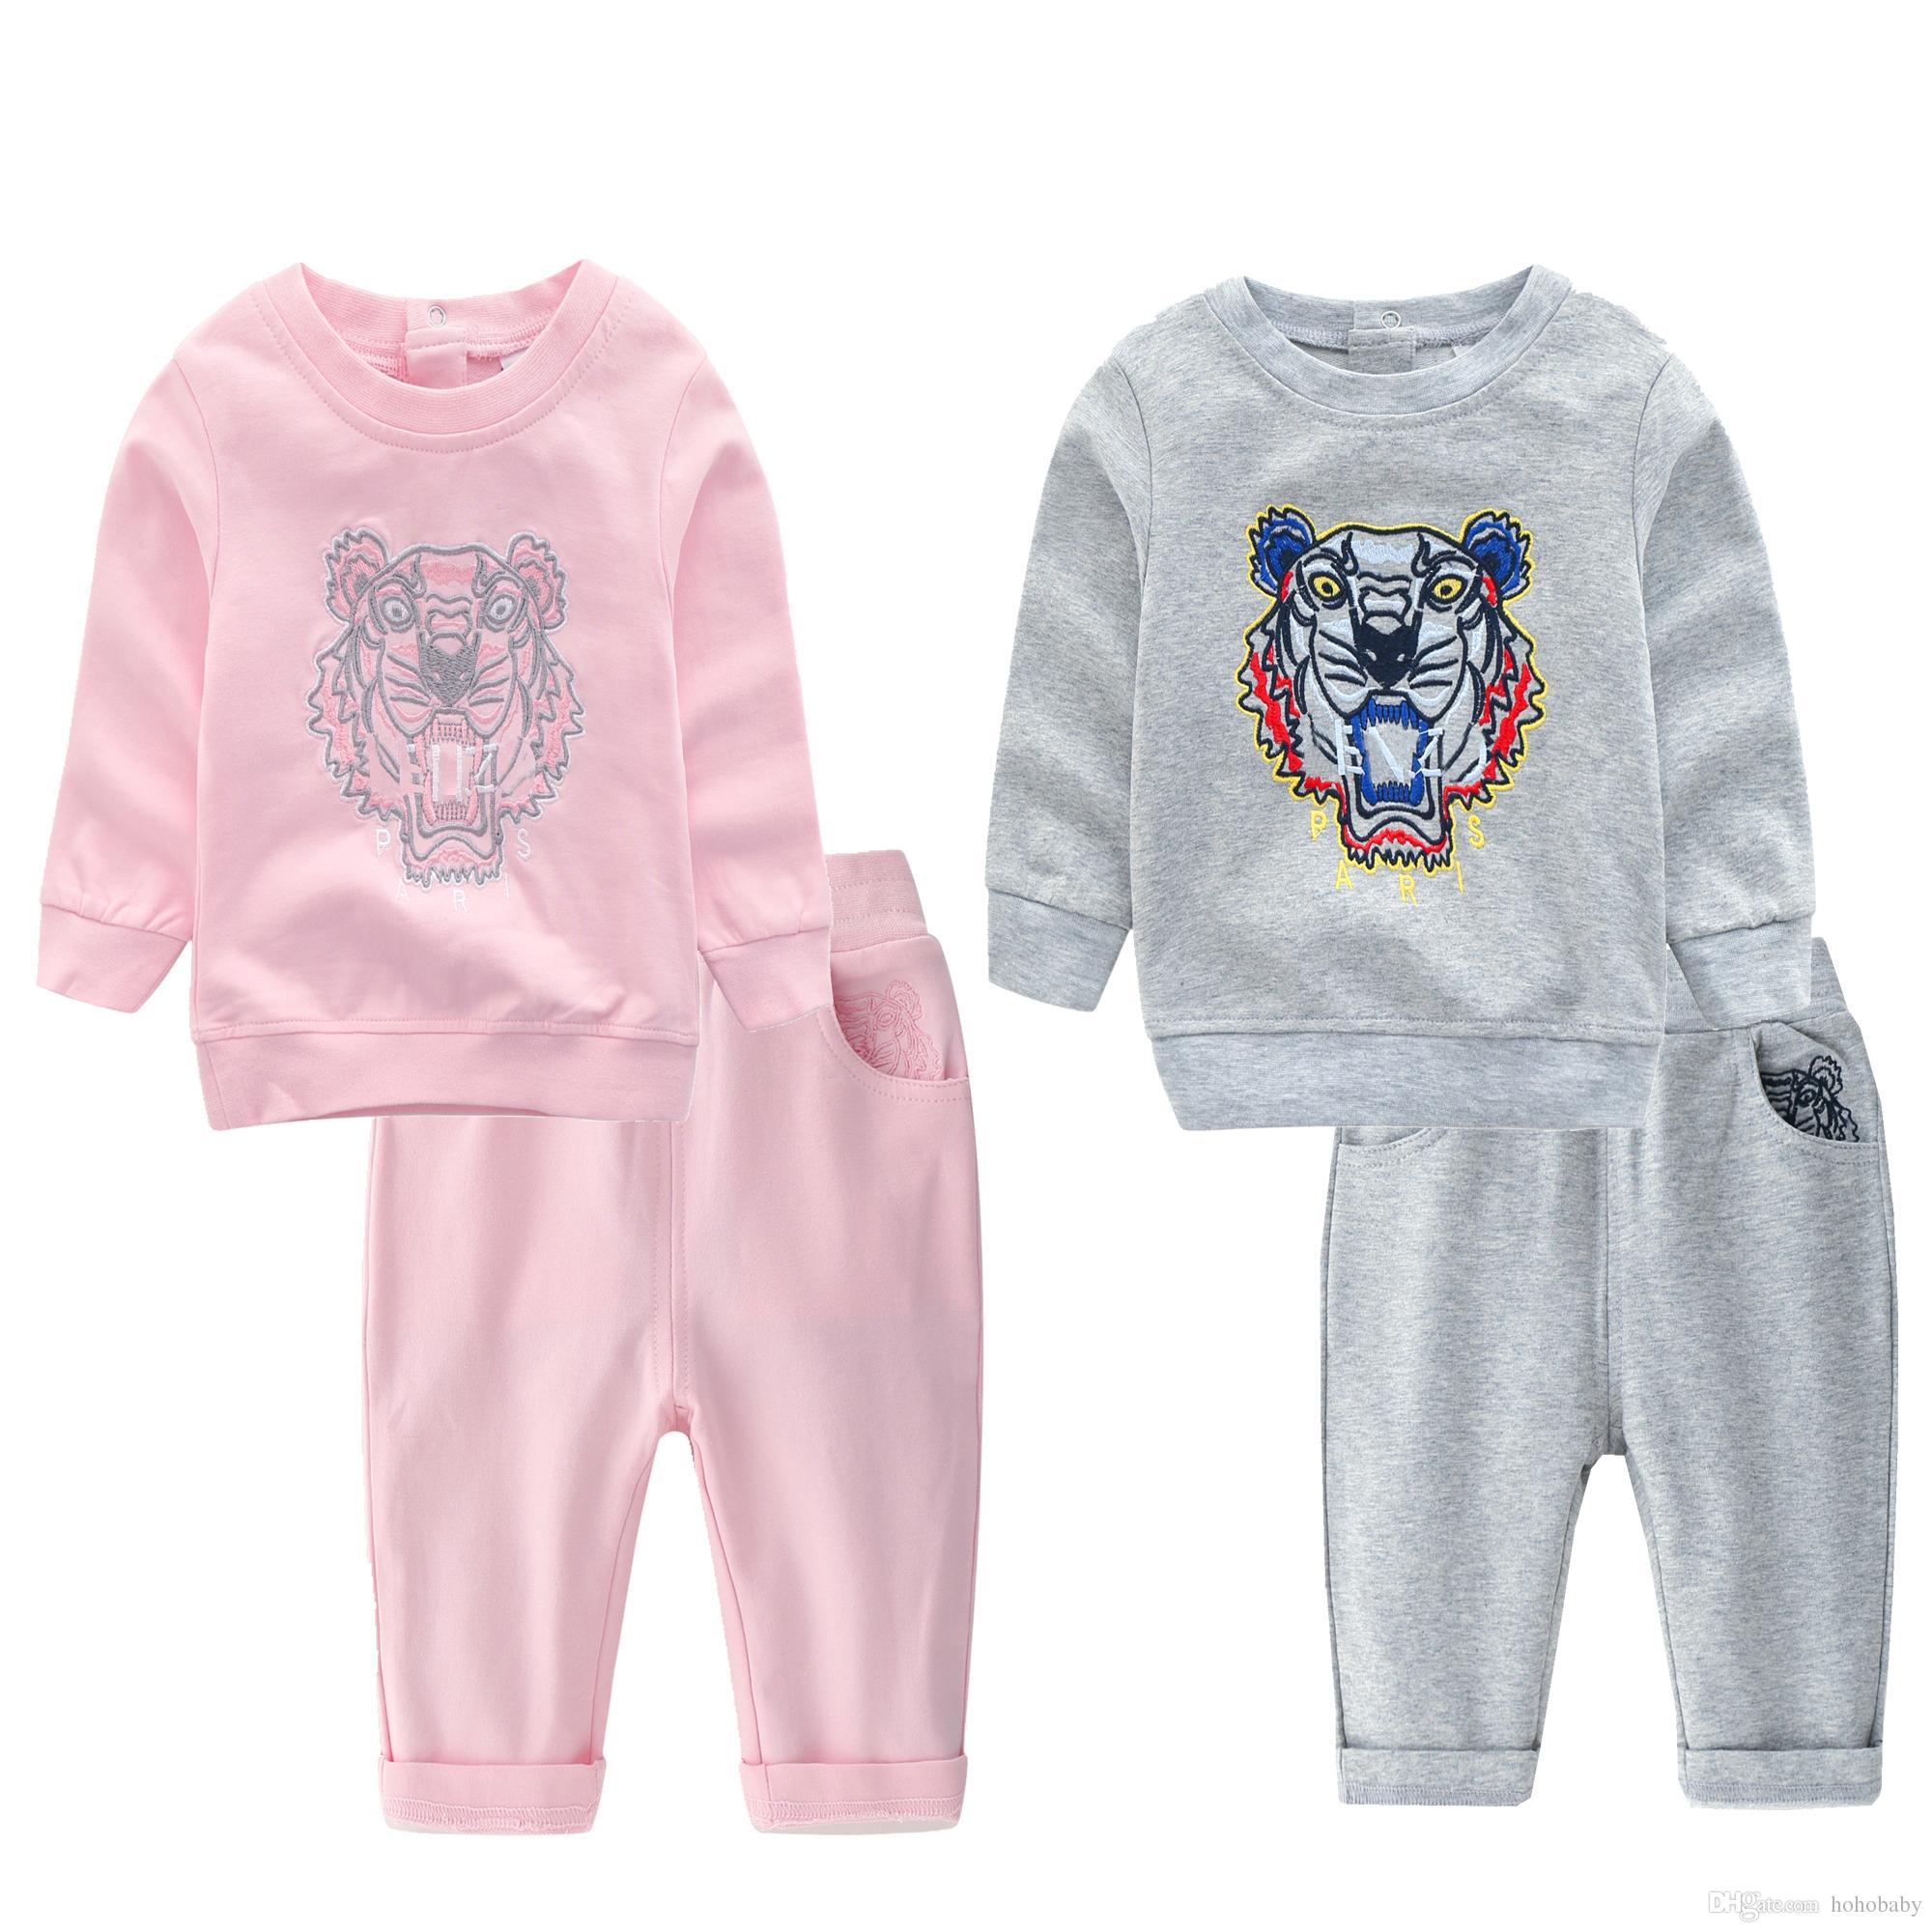 f445c7a28 Compre Otoño Moda Bebé Ropa De Niña Chaqueta De Manga Larga De Algodón +  Pantalones 2 Unids Bebes Chándal Bebé Niño Conjunto A  22.74 Del Hohobaby